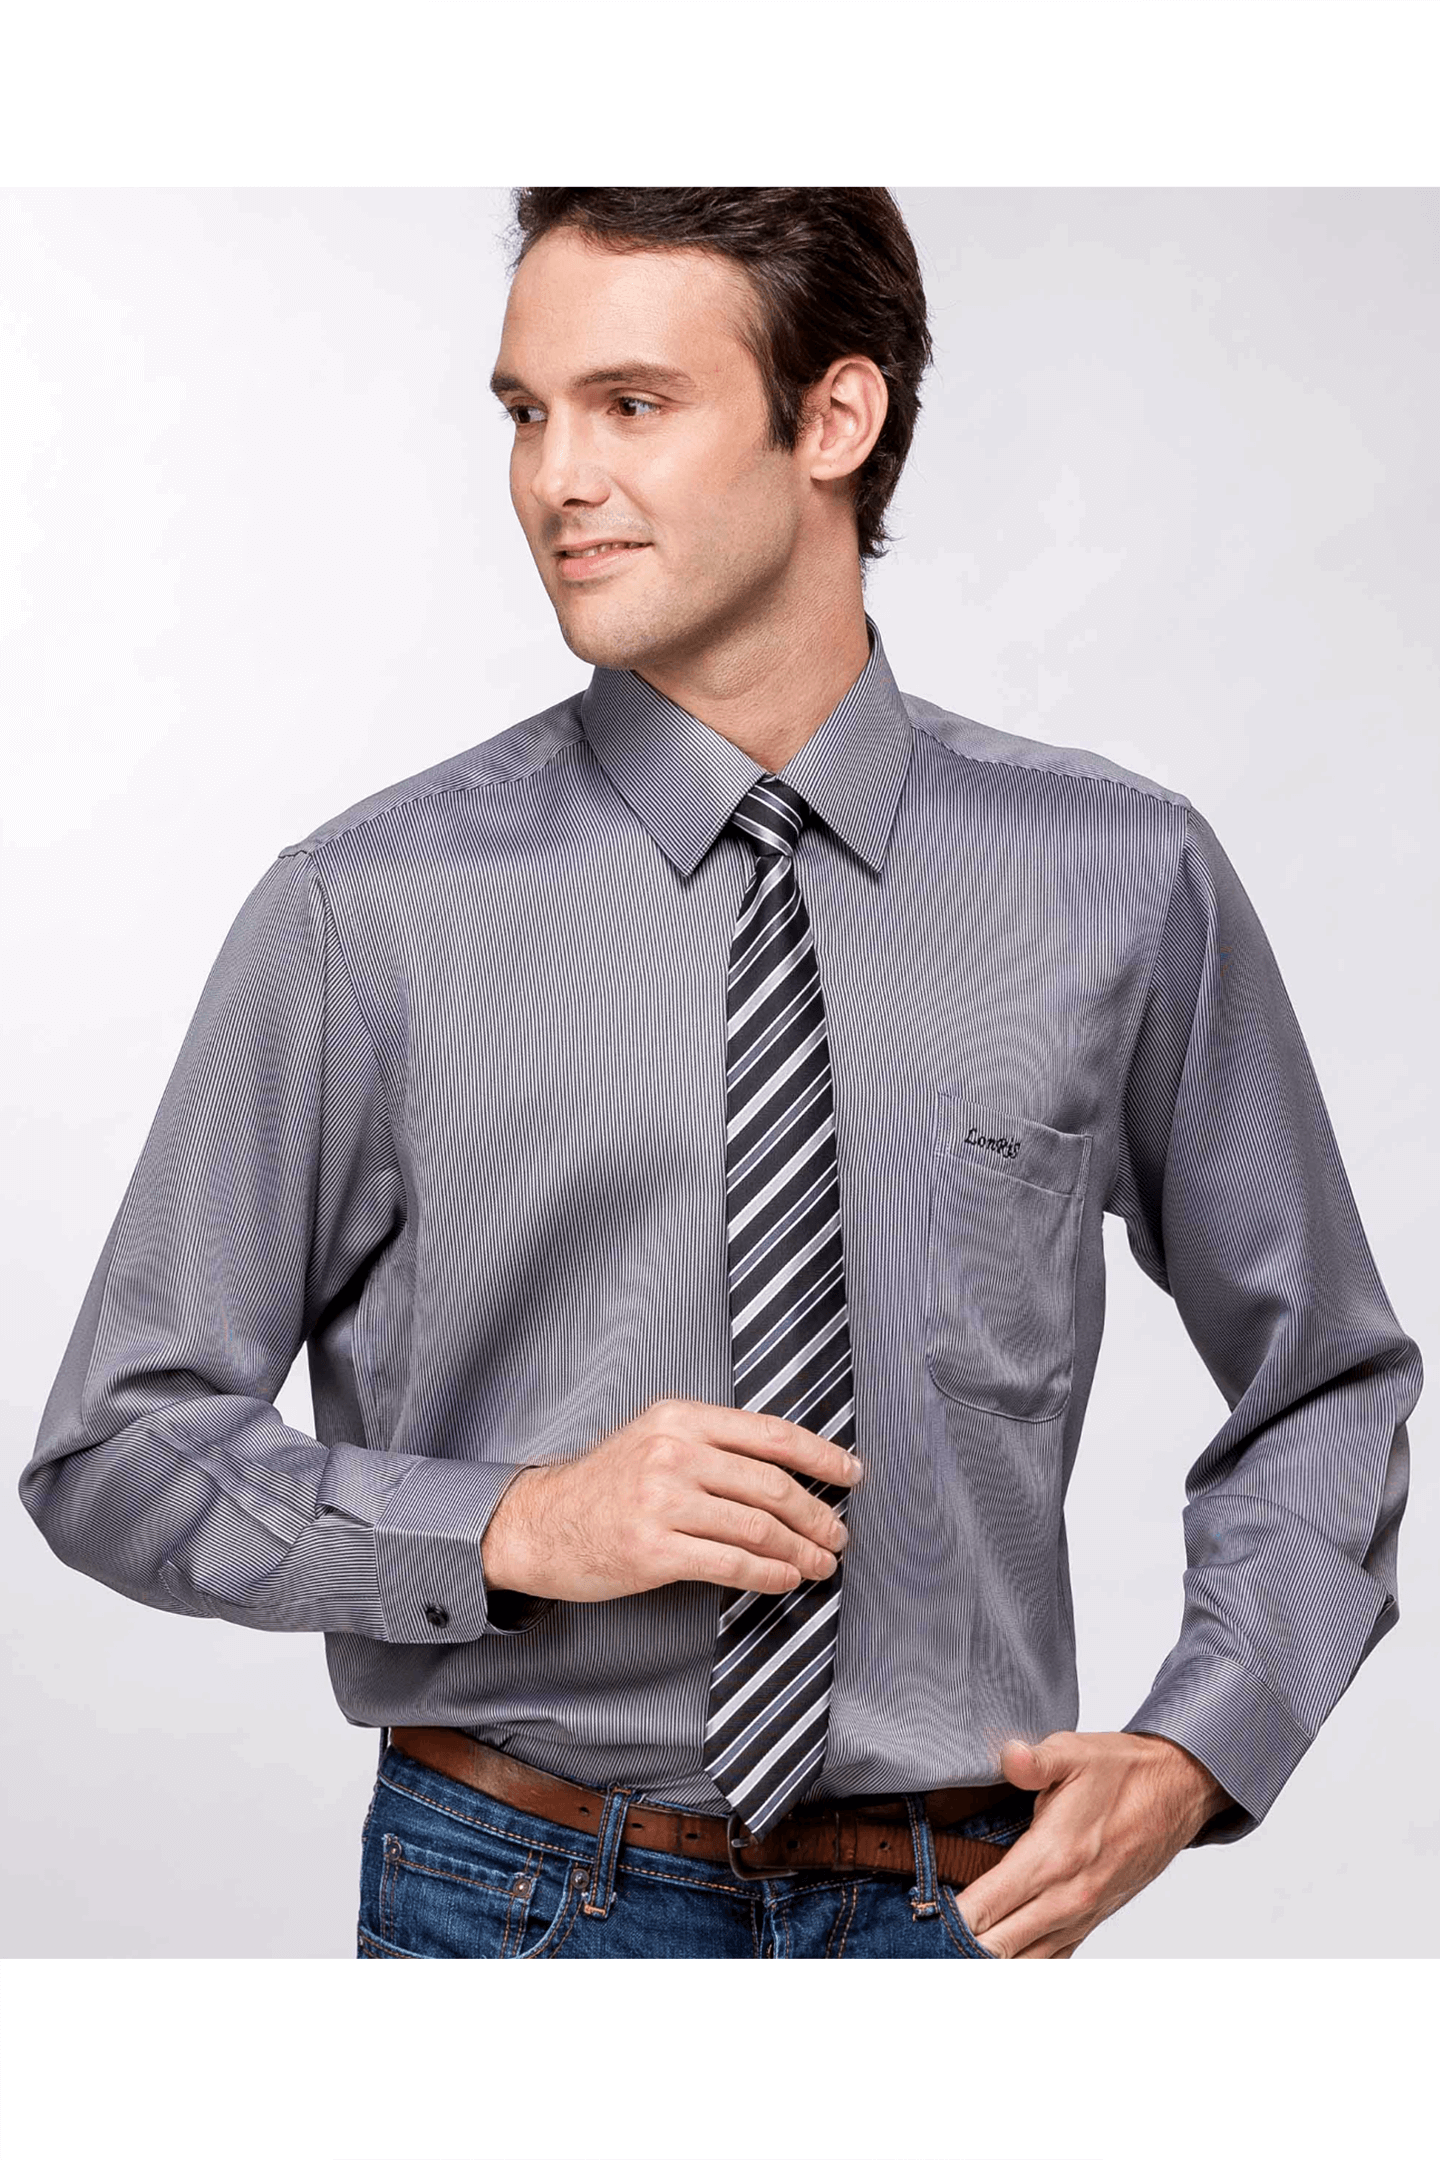 灰黑條長袖襯衫/抗皺 吸濕排汗